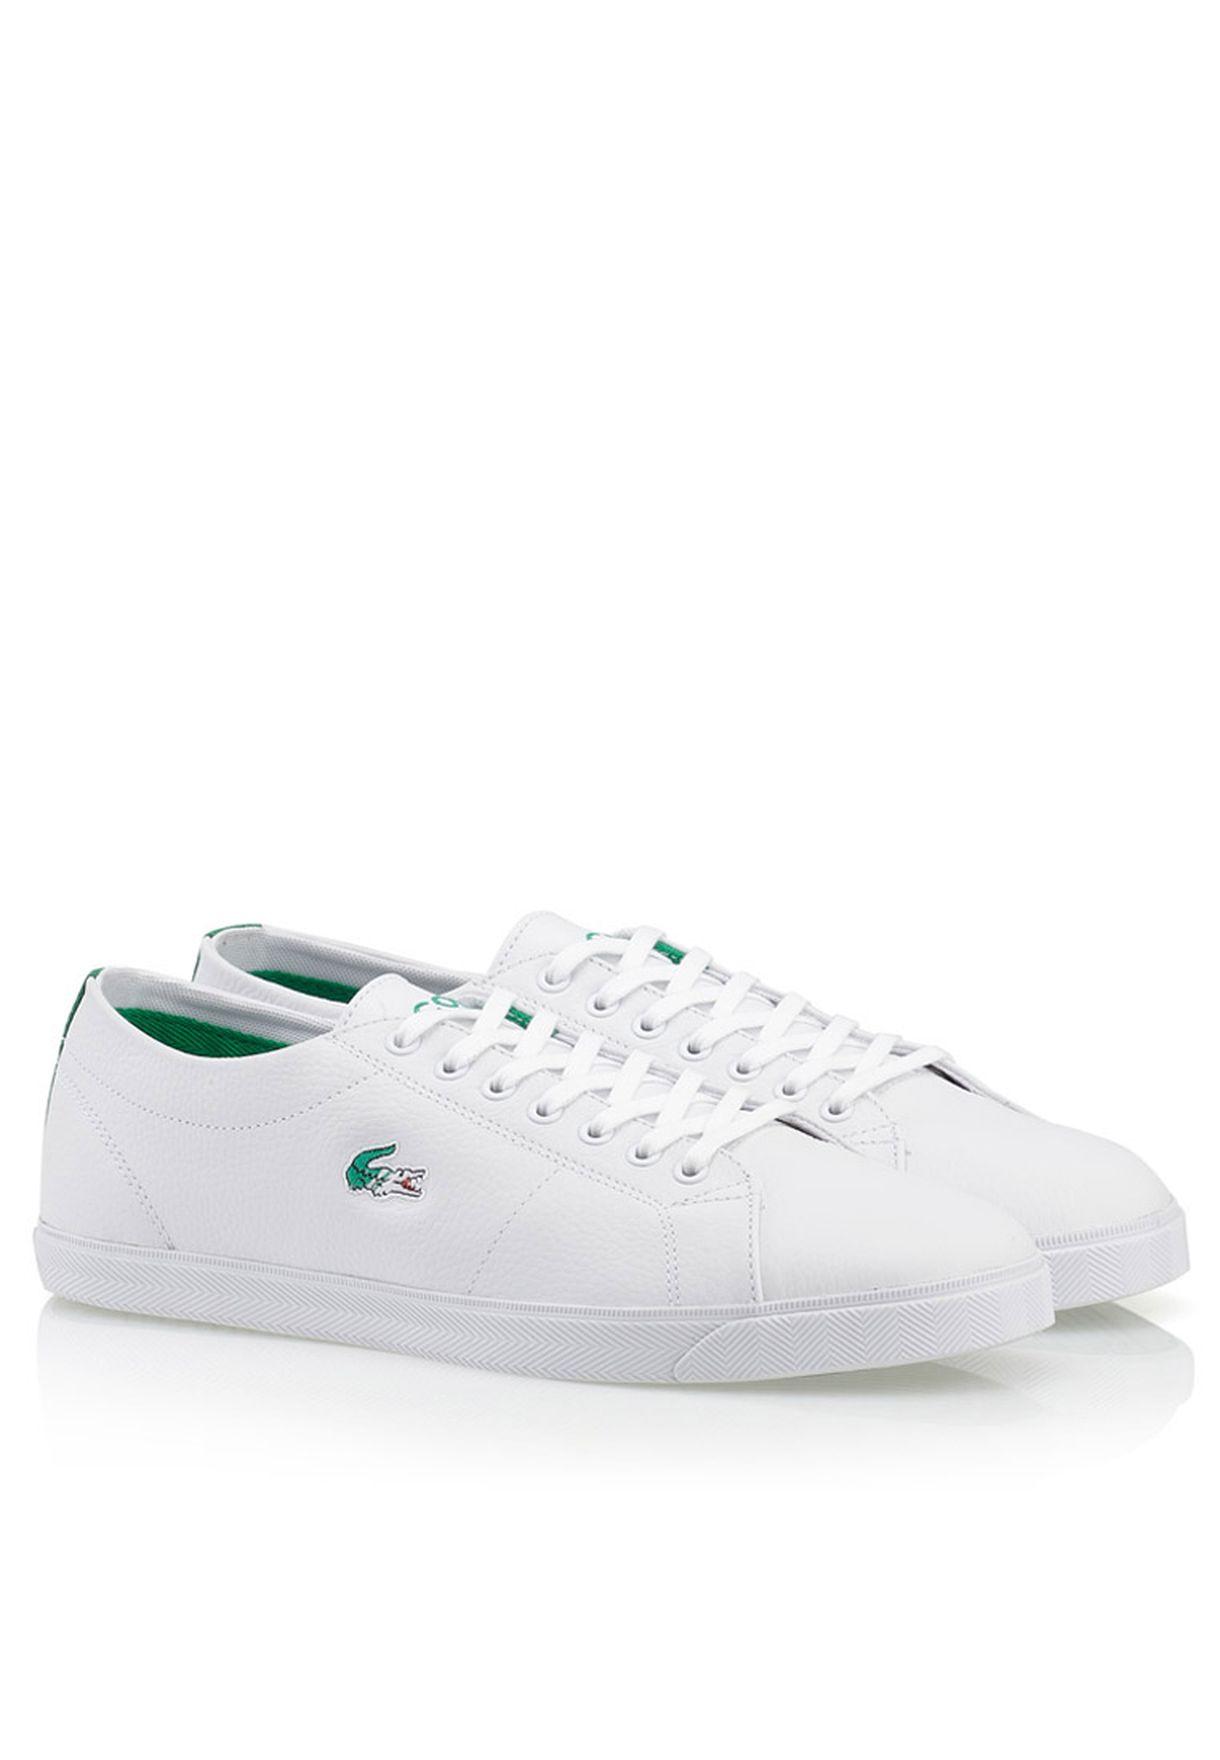 9f1227344 تسوق حذاء رياضي ماركة لاكوست لون أبيض 27SPM1011-082 في السعودية ...